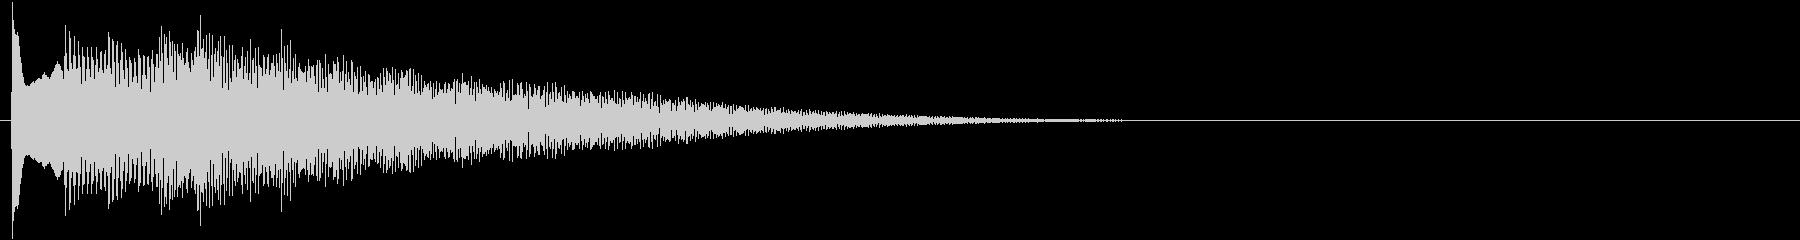 フレーズ系05 文字、スーパー表示(中)の未再生の波形